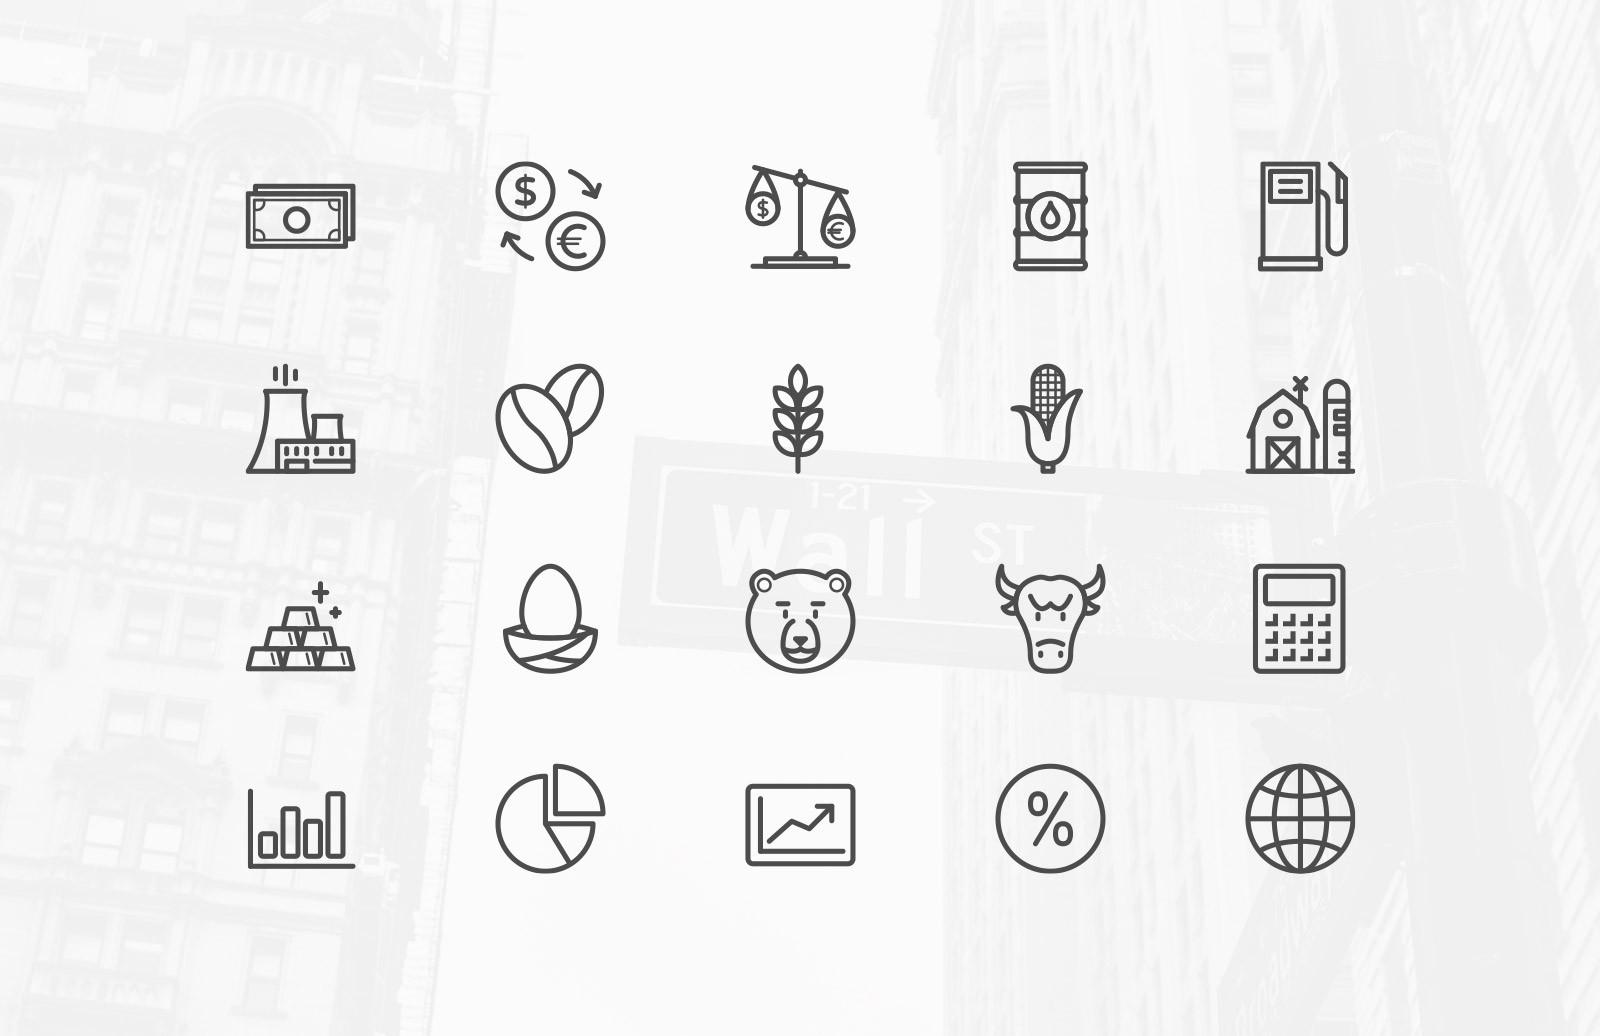 线性icon 计算器 金砖 饼状图 浏览器 大熊 钱币 玉米矢量源文件下载